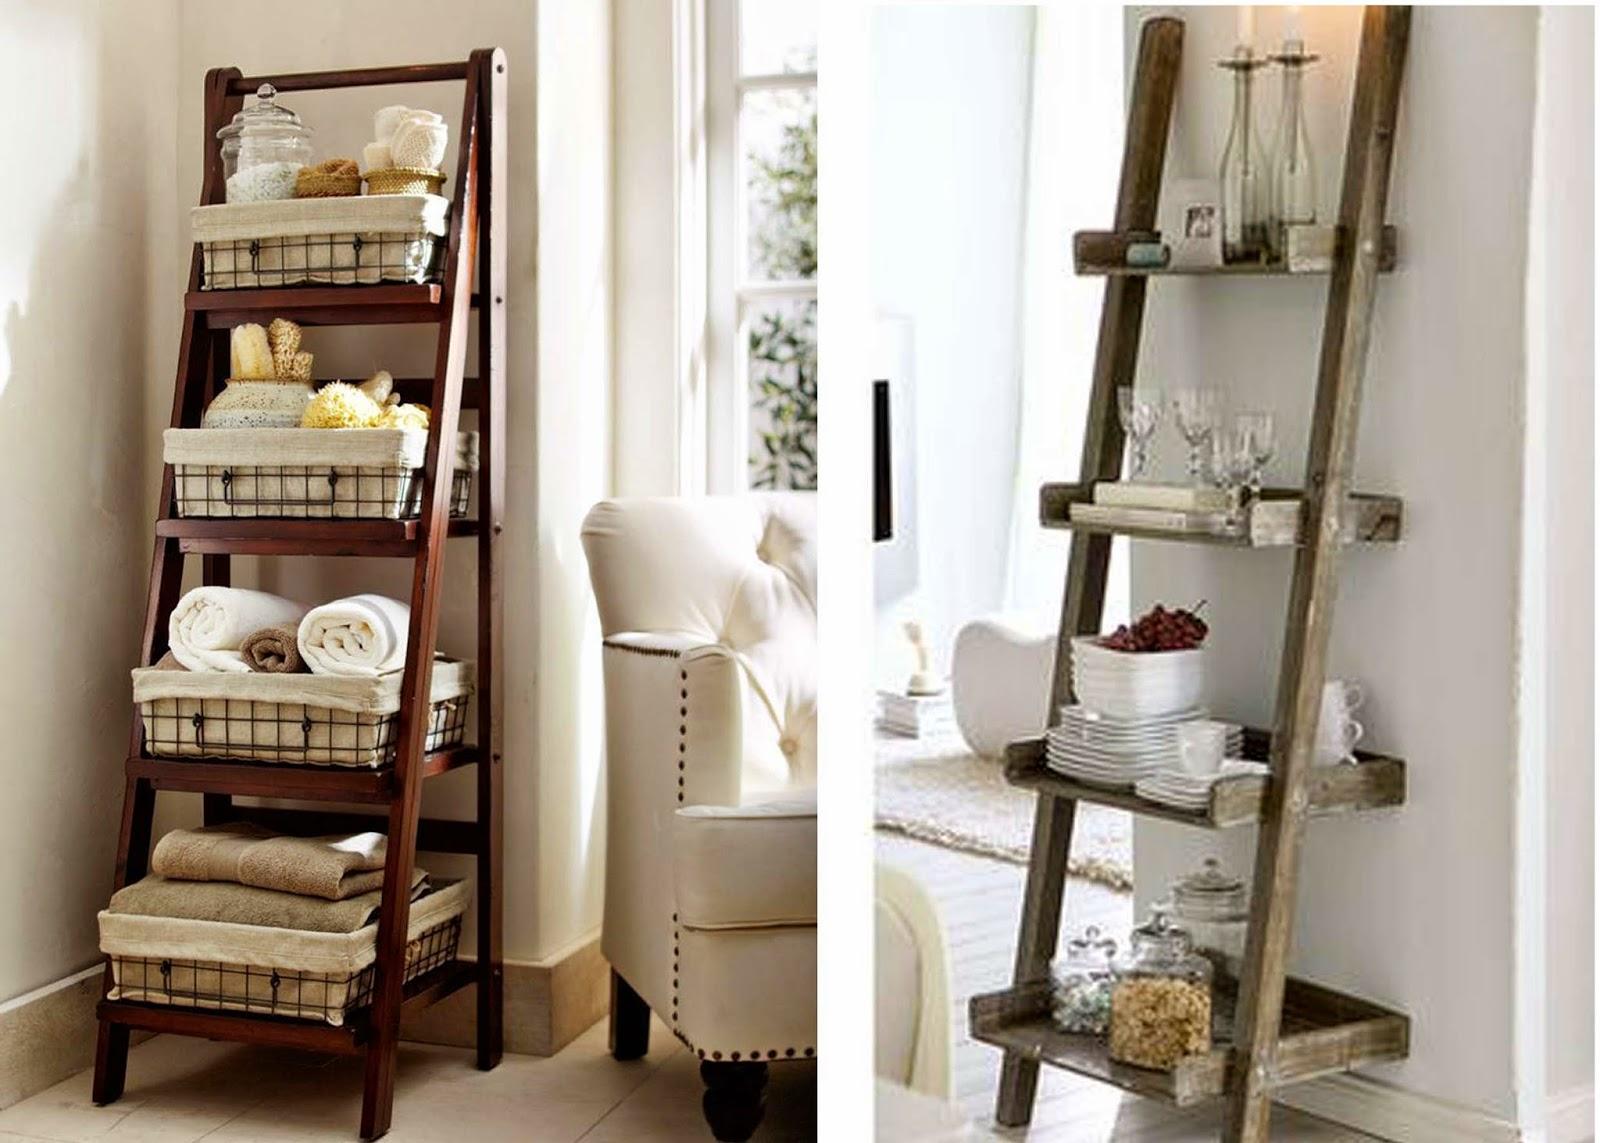 Escadas: já pensou em usá las na decoração? Consulting Brics #A48627 1600x1143